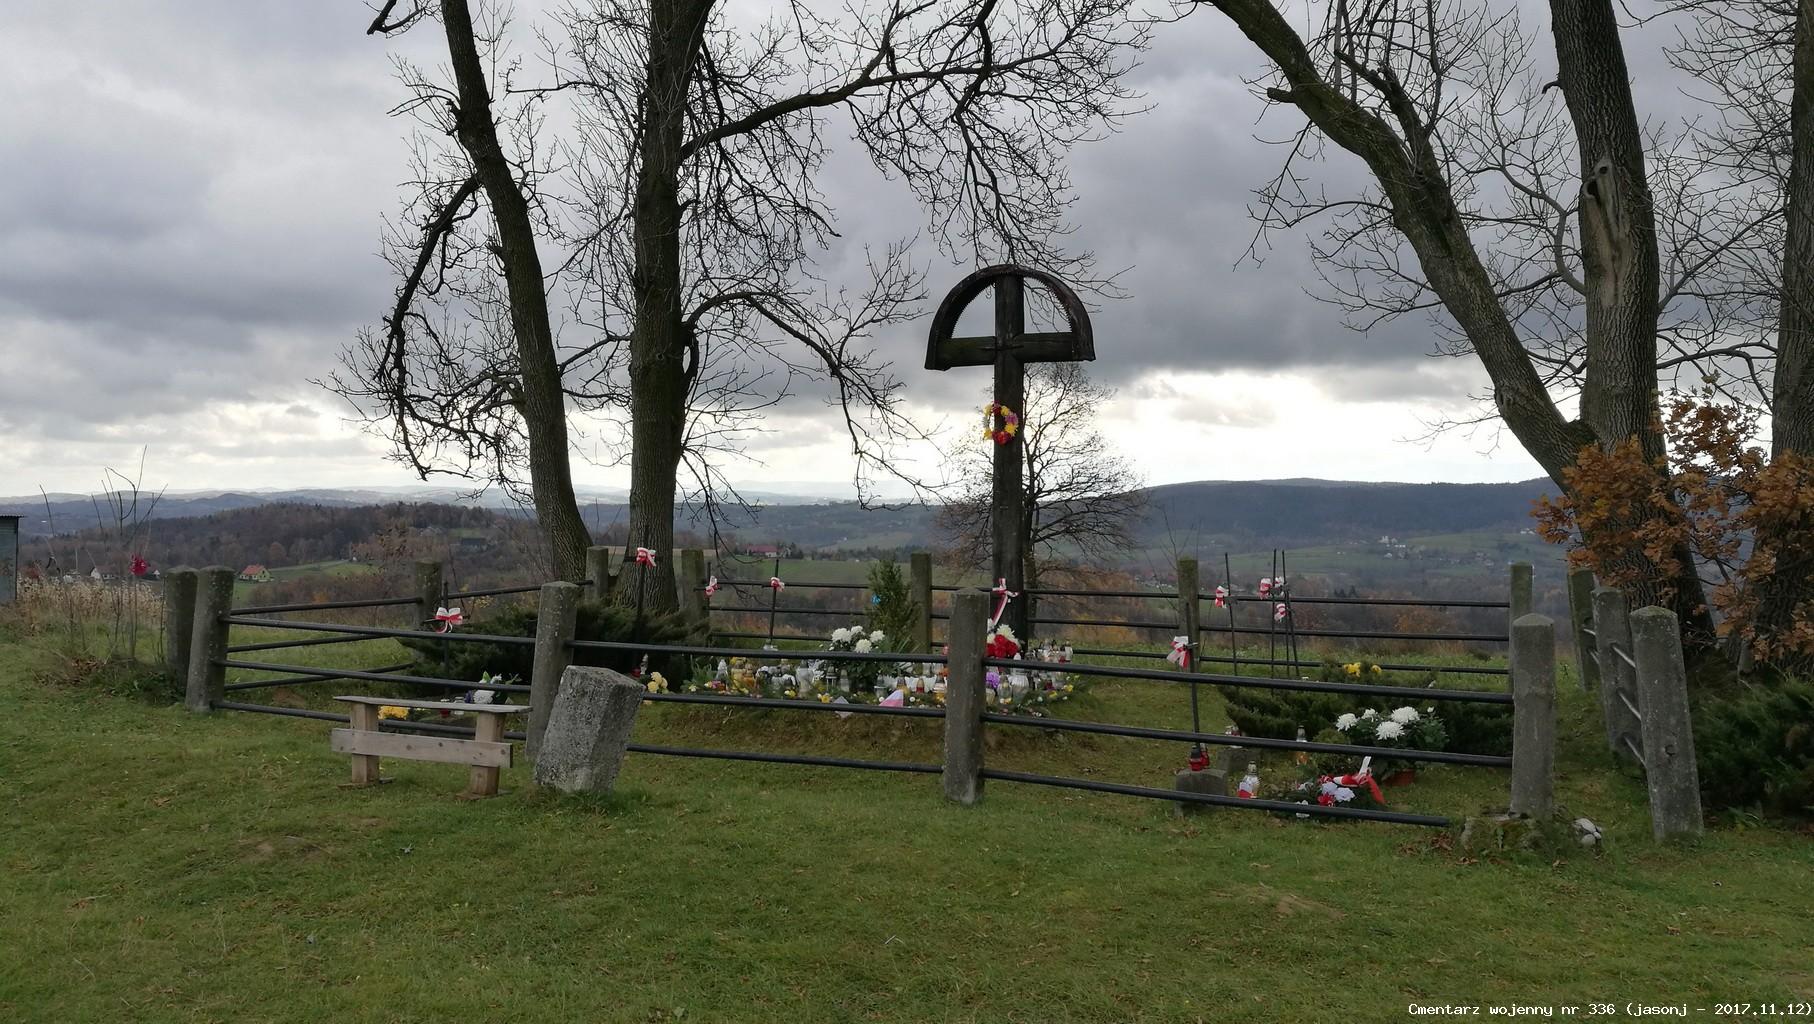 Cmentarz wojenny z I wojny nr 336 - Gierczyce-Czyżyczka